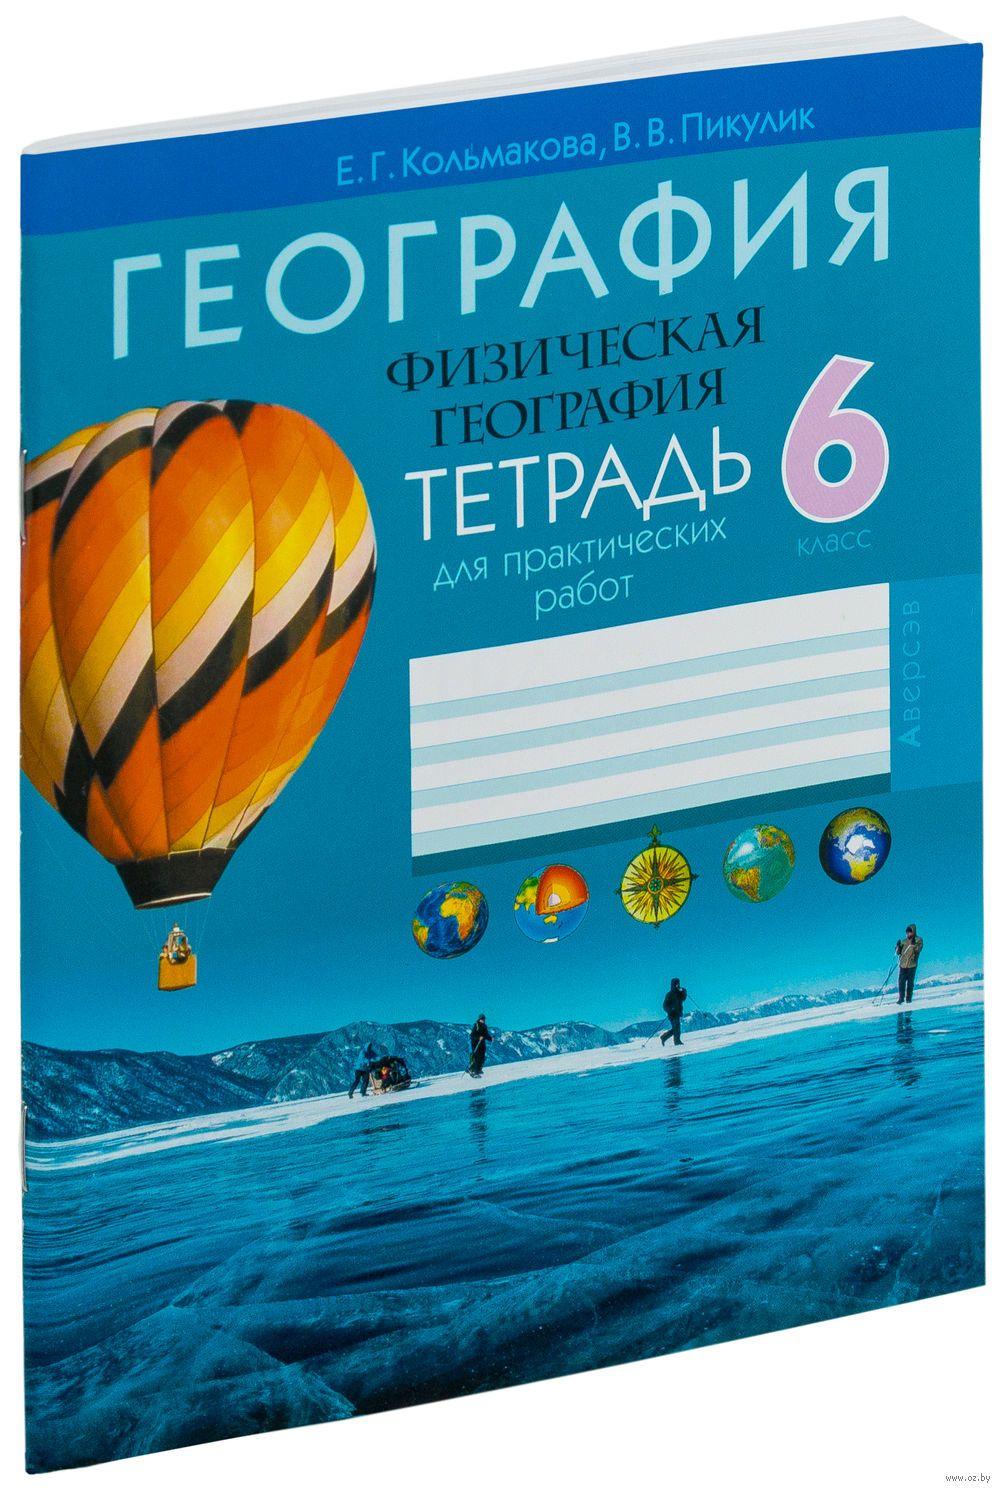 Диктанты для 4 класса по русскому языку с заданиями дельфины наши друзья